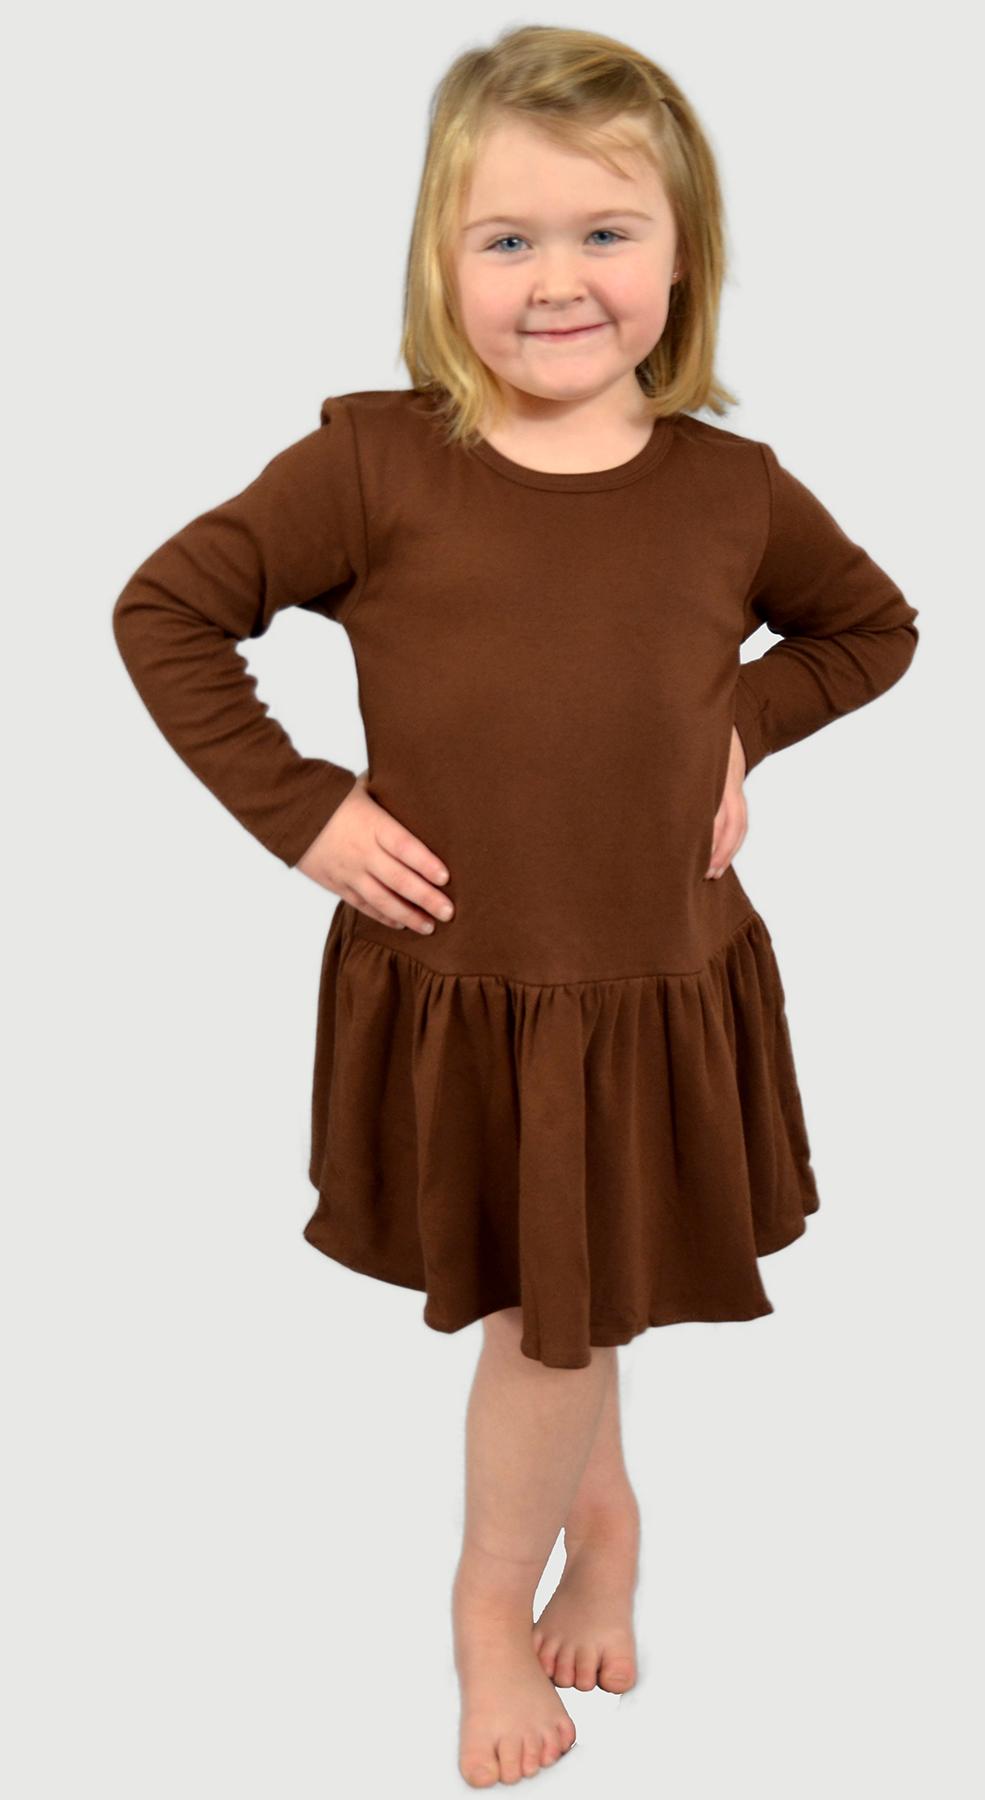 Monag 400102 - Interlock Long Sleeve Pleated Dress